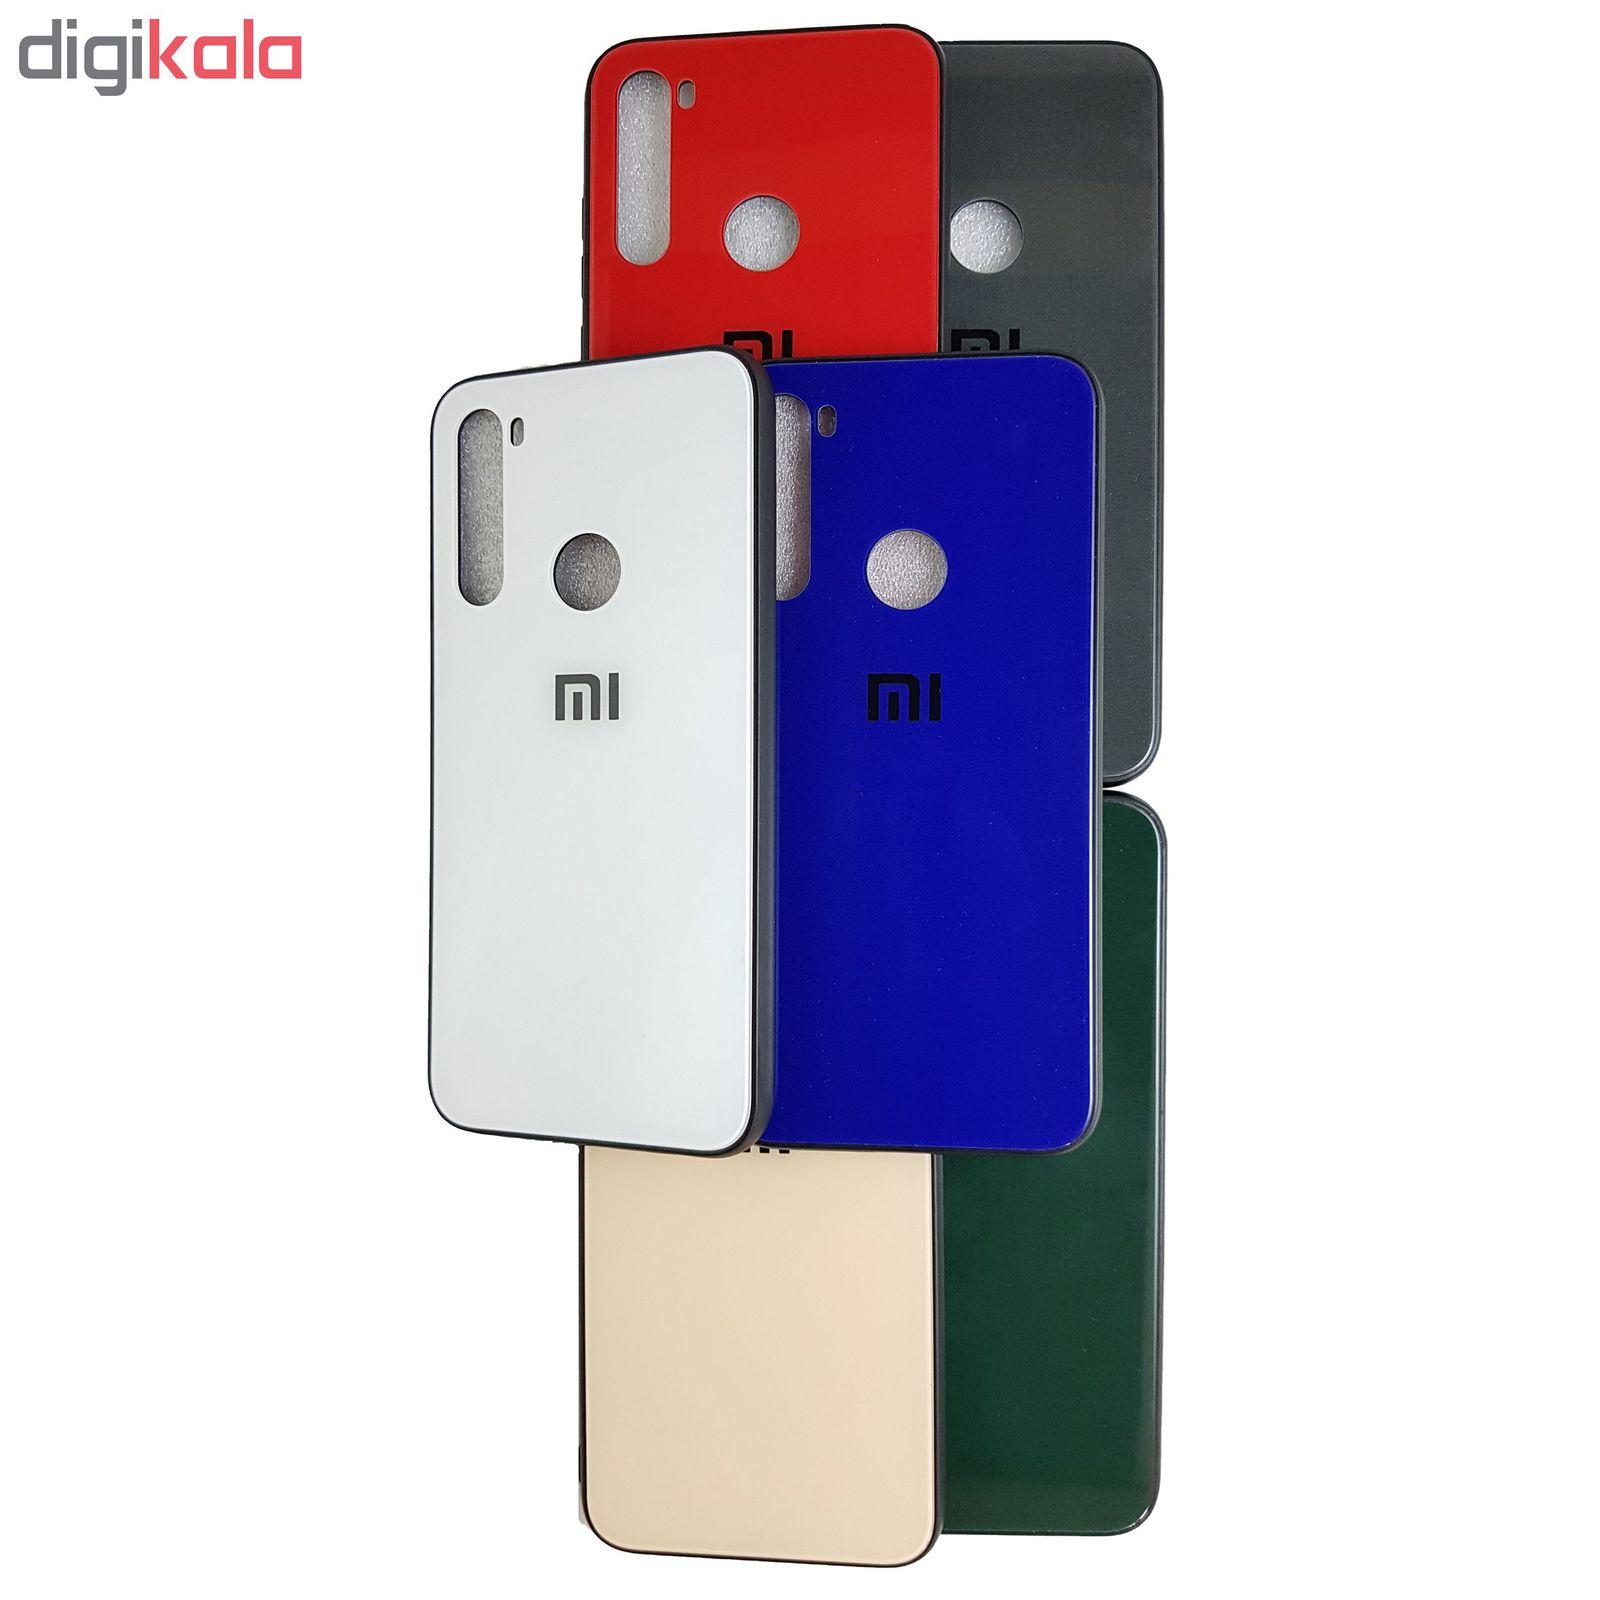 کاور مدل UniQue مناسب برای گوشی موبایل شیائومی Redmi Note 8 main 1 1